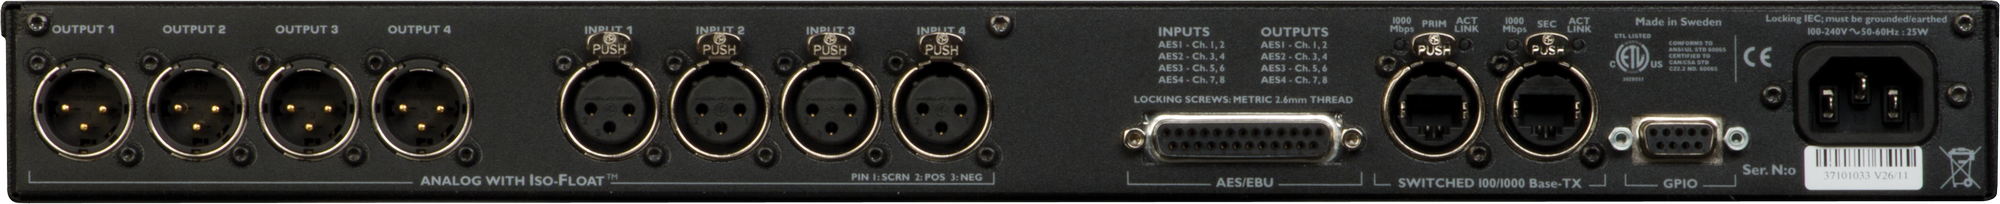 Lake LM 44 Loudspeaker Management Processor